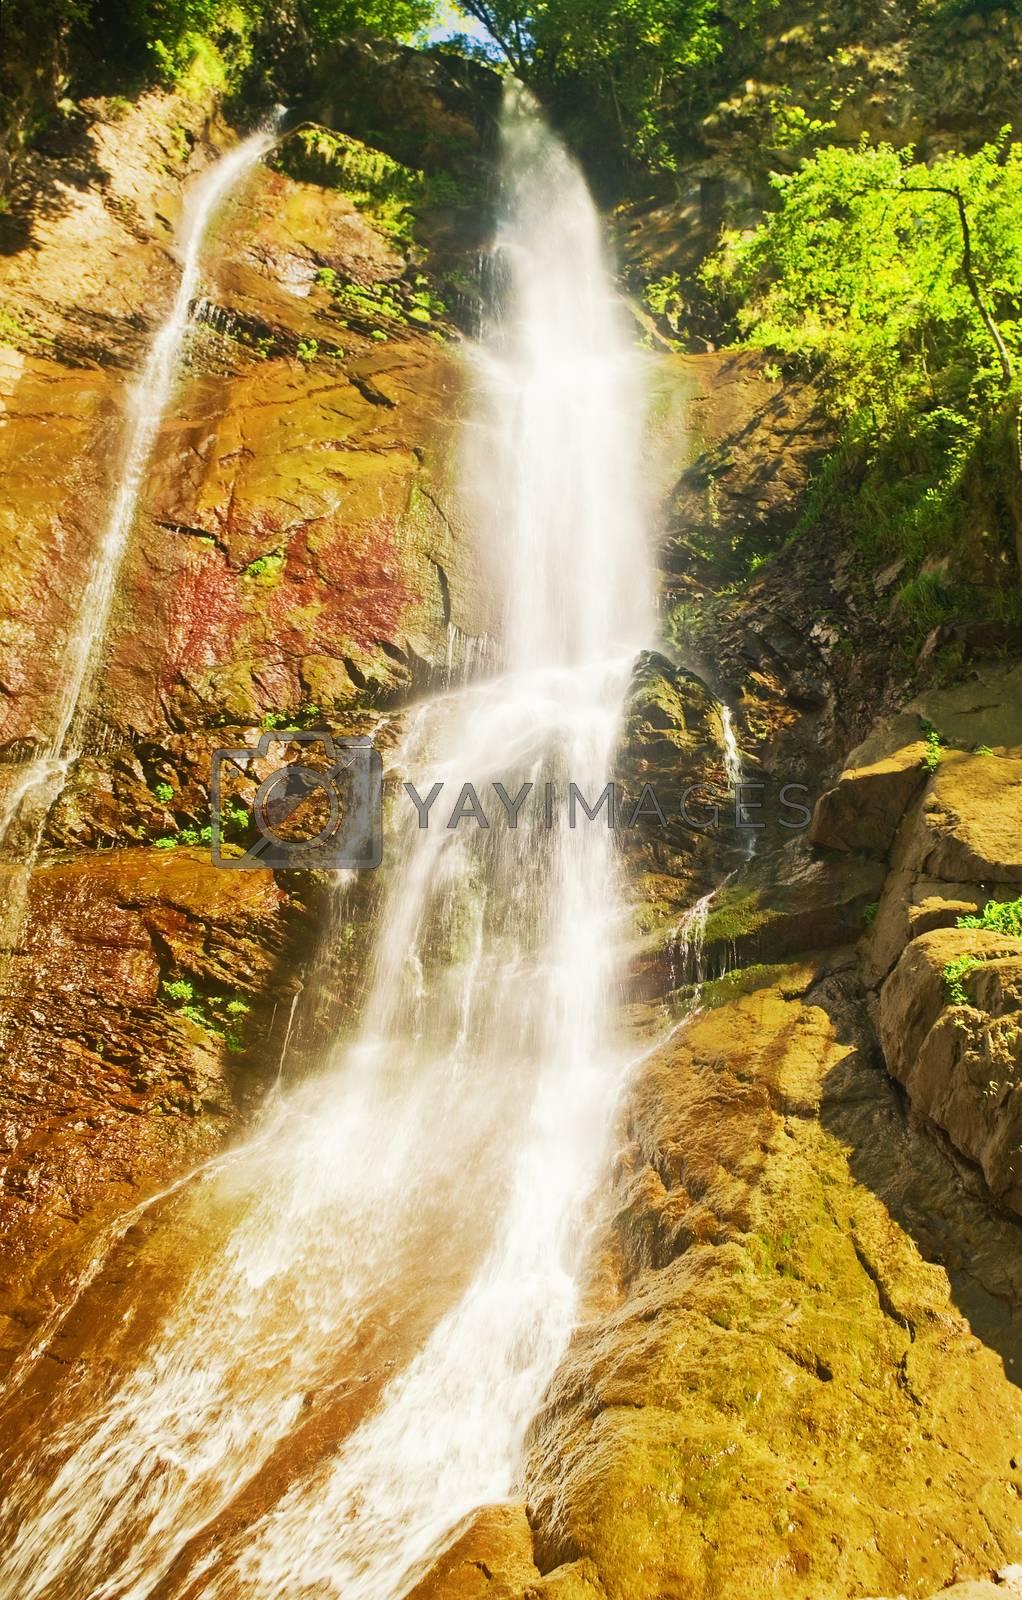 Waterfall Mahuntseti in the mountains of Georgia